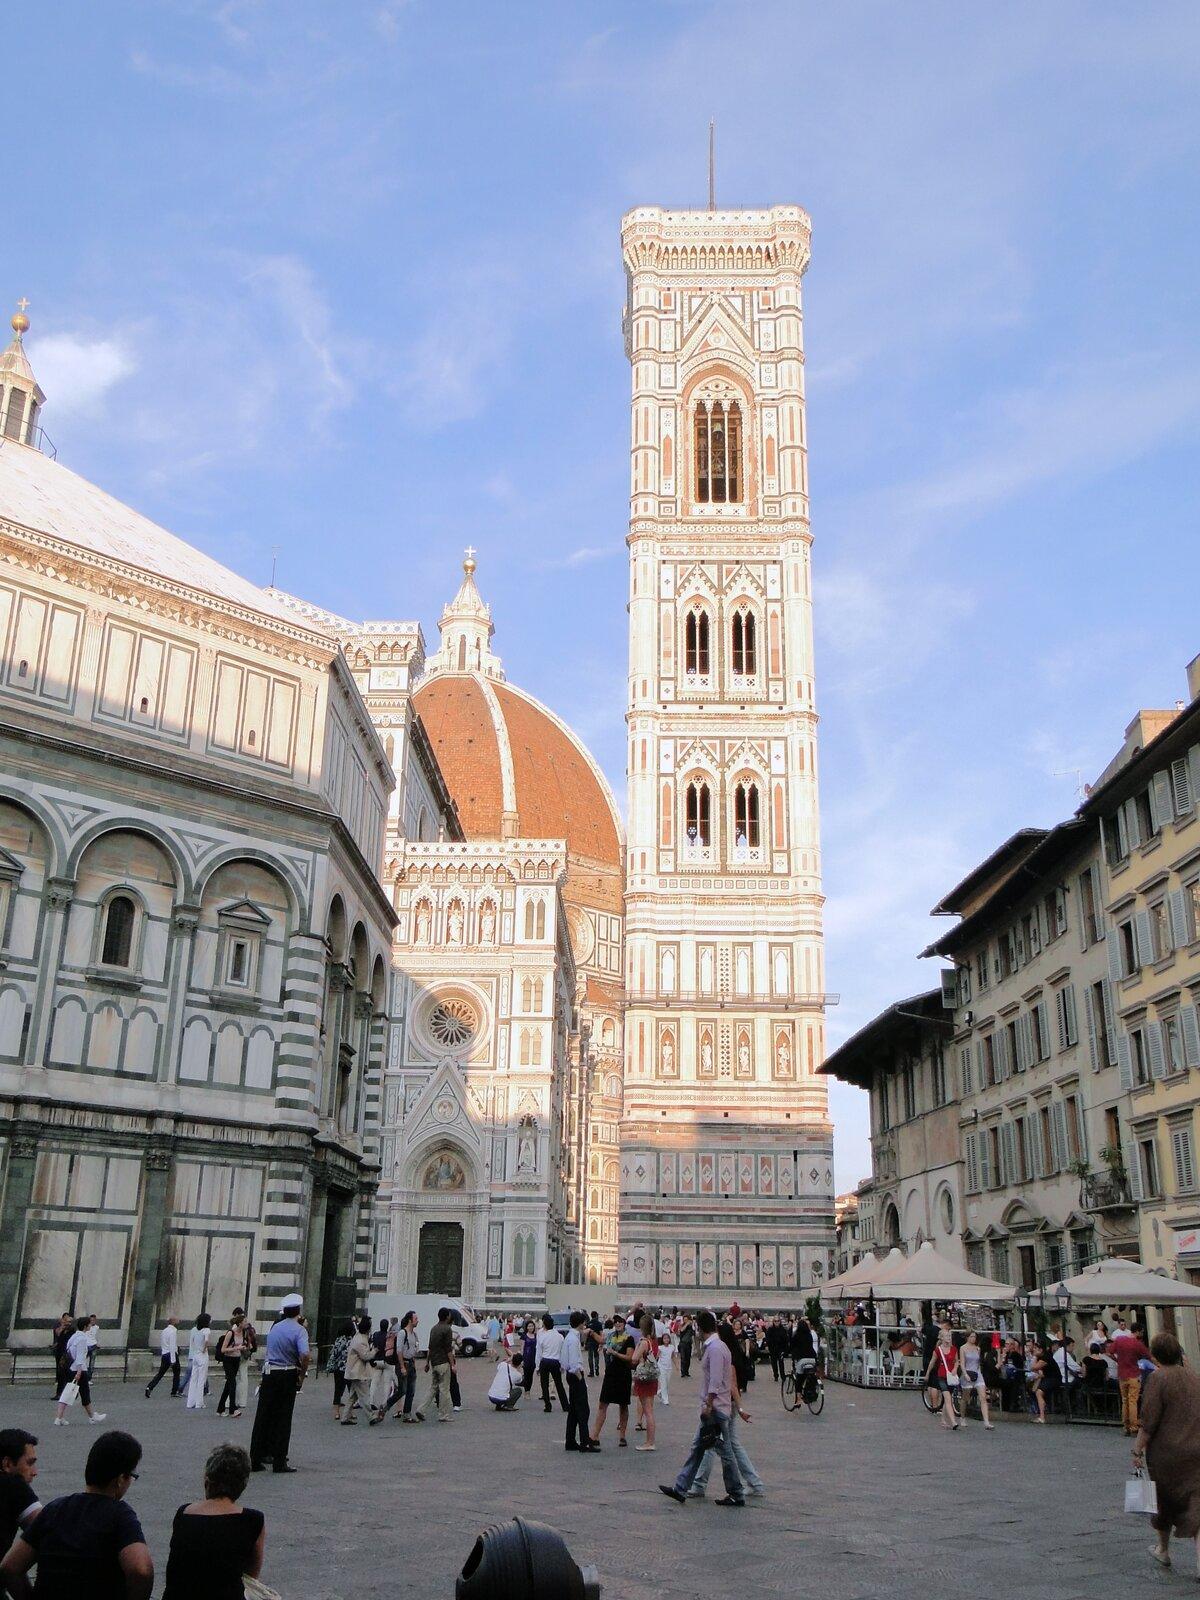 Ilustracja przedstawia dzwonnicę Giotta na placu we Florencji. Jest to wieża okwadratowej podstawie zgraniastymi wzmocnieniami wnarożnikach. Elewacje zostały obłożone kolorowymi płytami marmuru okolorze białym iróżowym. Wieża posiada potrójne okno wnajwyższej kondygnacji oraz dwie pary podwójnych okien wkondygnacjach niższych. Wszystkie okna są zakończone łukami ostrymi. Przed dzwonnicą znajduje się plac, przy którym ustawione są budowle. Za budynkami po lewej widoczny jest fragment kopuły ielewacji kościoła Santa Maria del Fiore. Wtle rozciąga się niebieskie niebo.